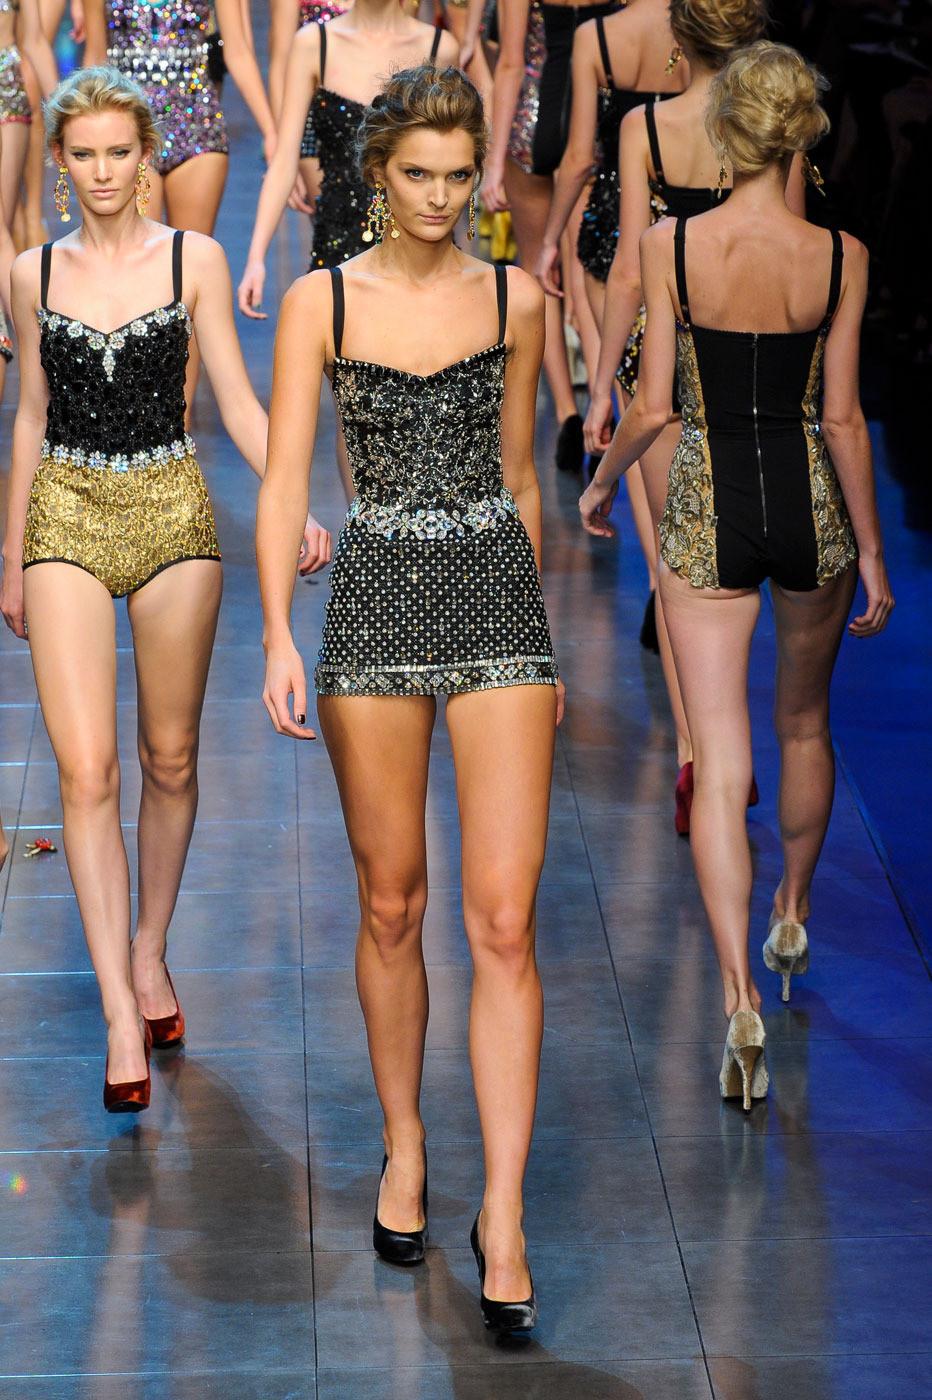 Mg 350 2018 >> Dolce Gabbana Spring 2012 Qxl MRx Uv J 32 x (DolceGabbanaSpring2012QxlMRxUvJ32x.jpg) Image ...